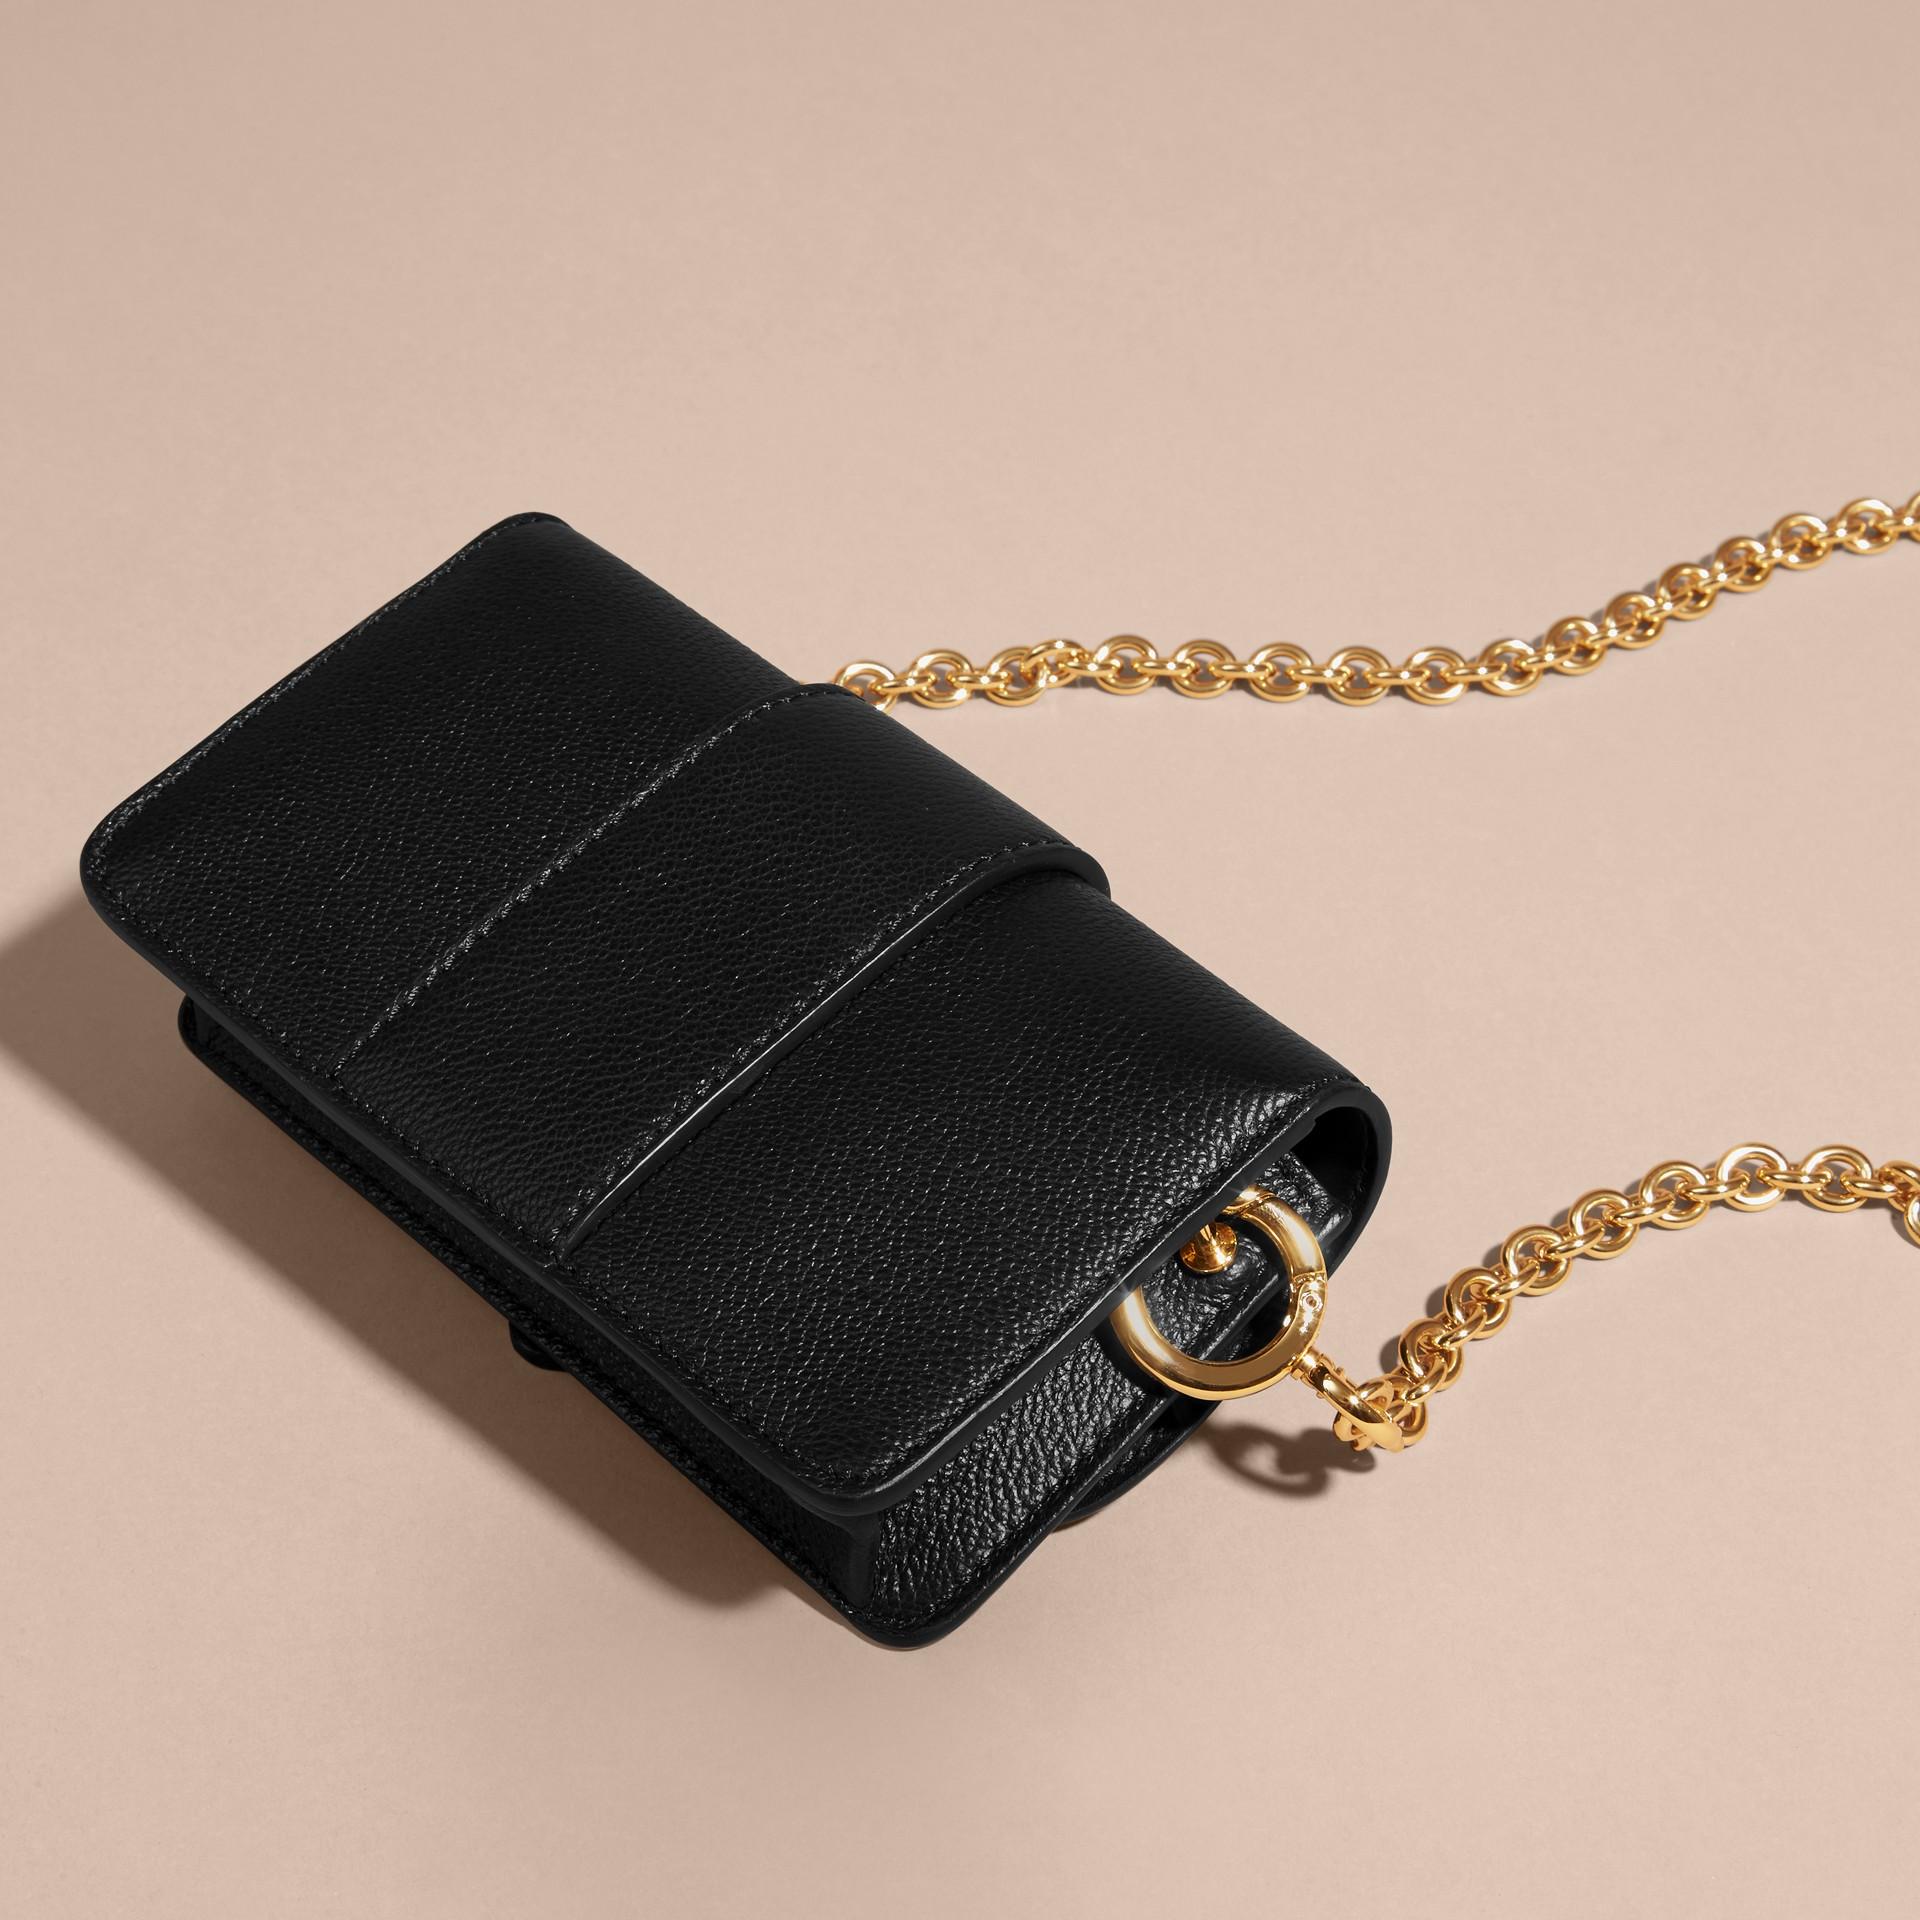 Mini sac The Buckle en cuir grainé Noir - photo de la galerie 5